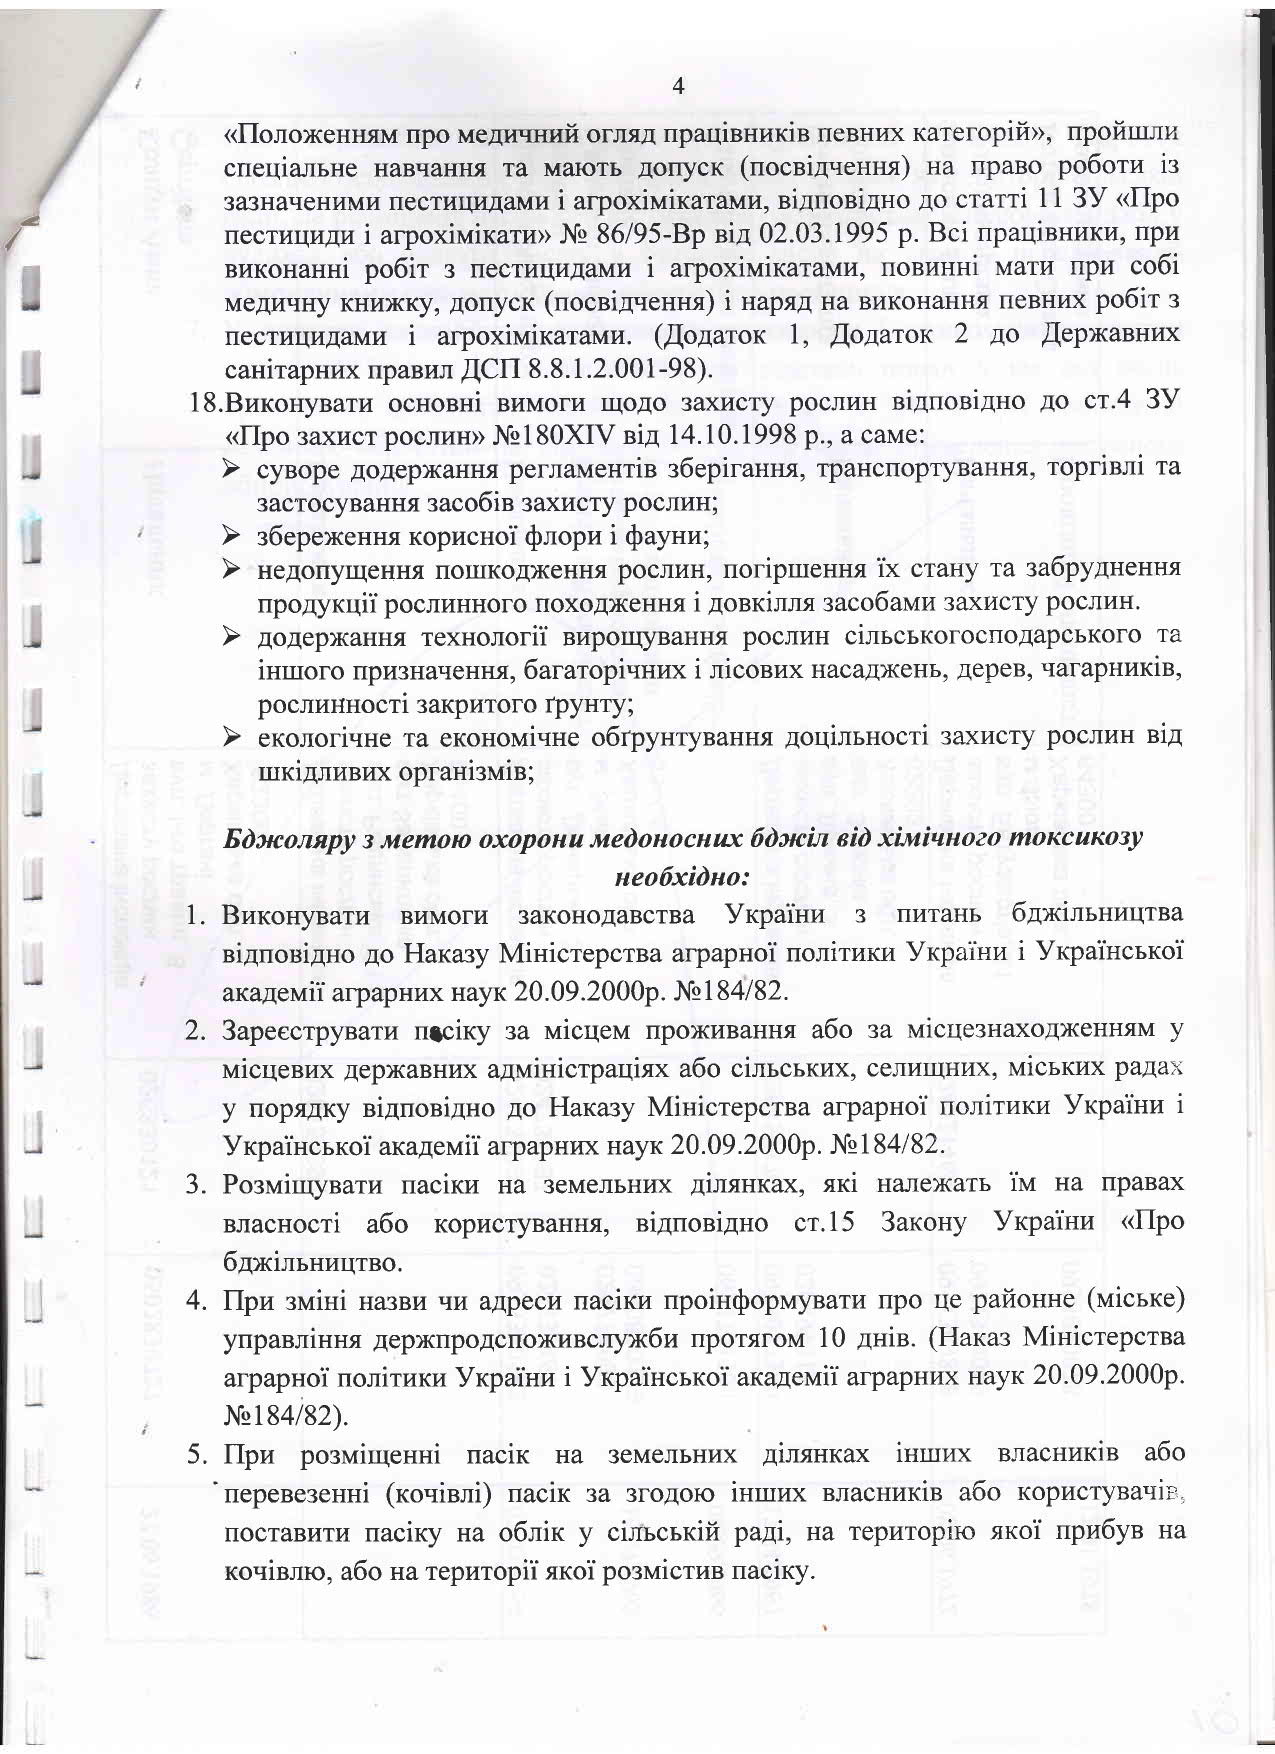 ПАМЯТКА-1_5